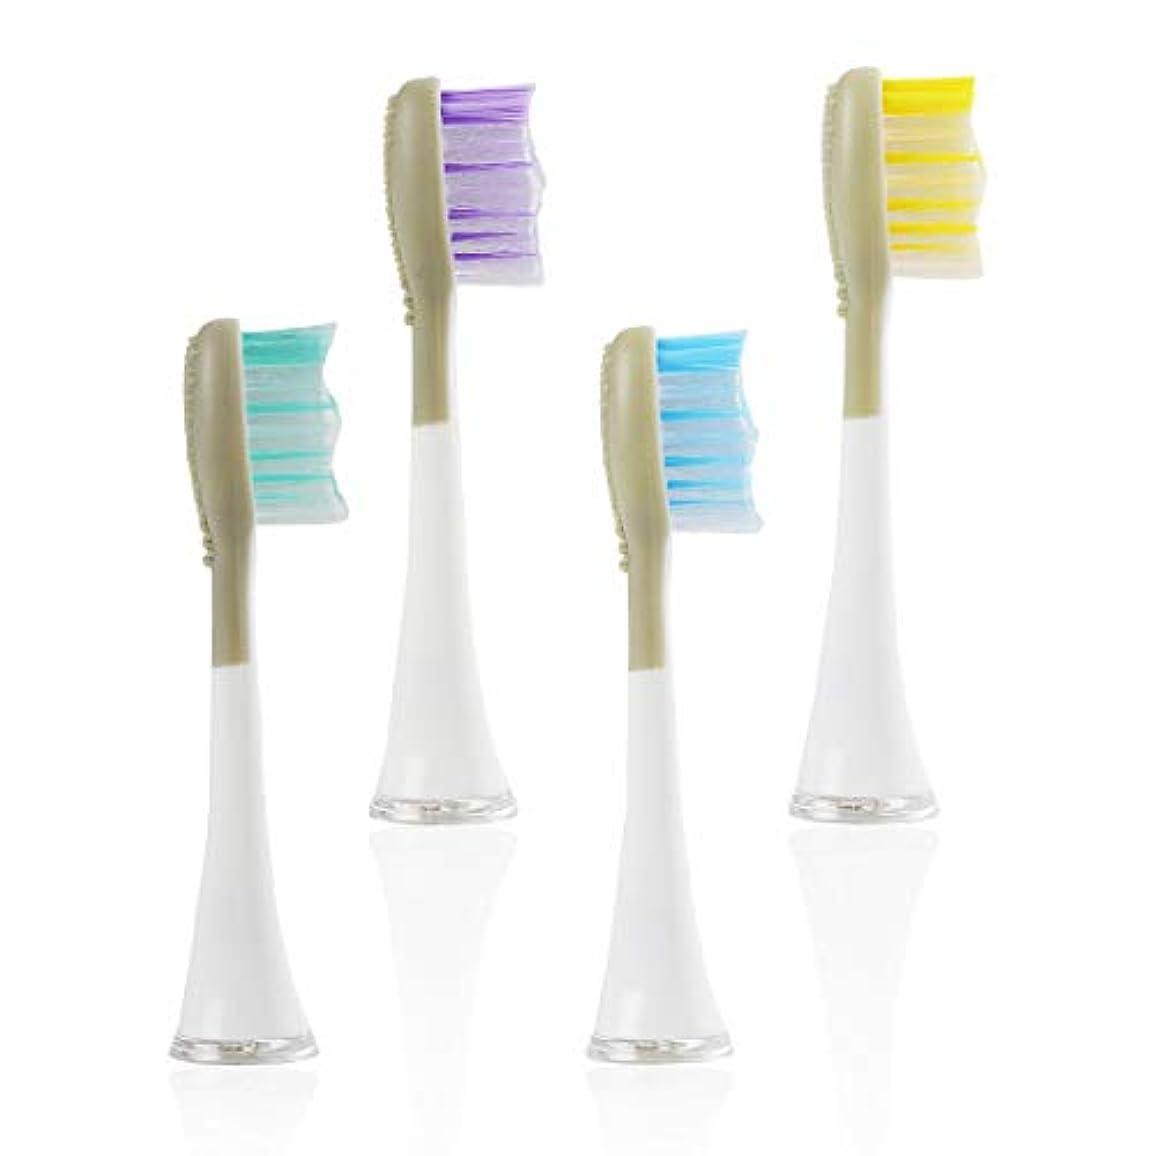 事業飼い慣らす不十分なQurra 音波式電動歯ブラシ 替えブラシ 4本セット 舌ブラシ付き ワイヤレス充電 IPX7防水 3モード搭載 歯垢除去 ホワイトニング - 替えブラシ4本